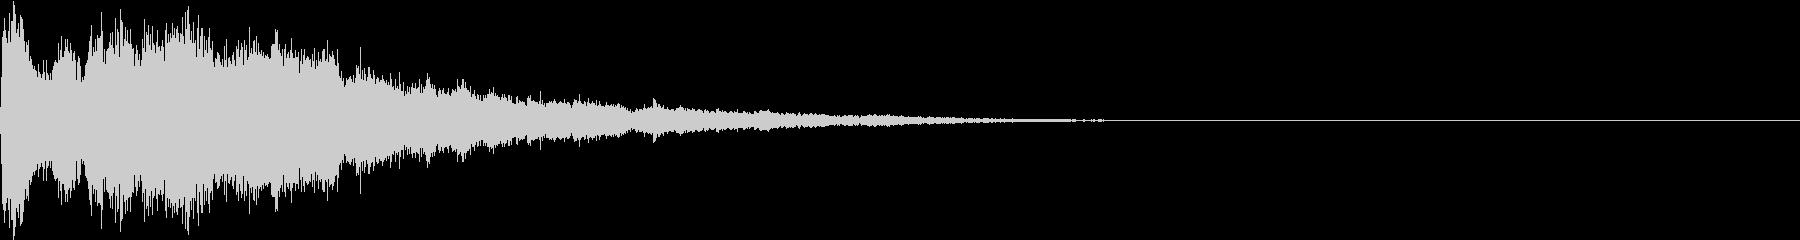 キラキラ 情報 番組 テロップ 06の未再生の波形